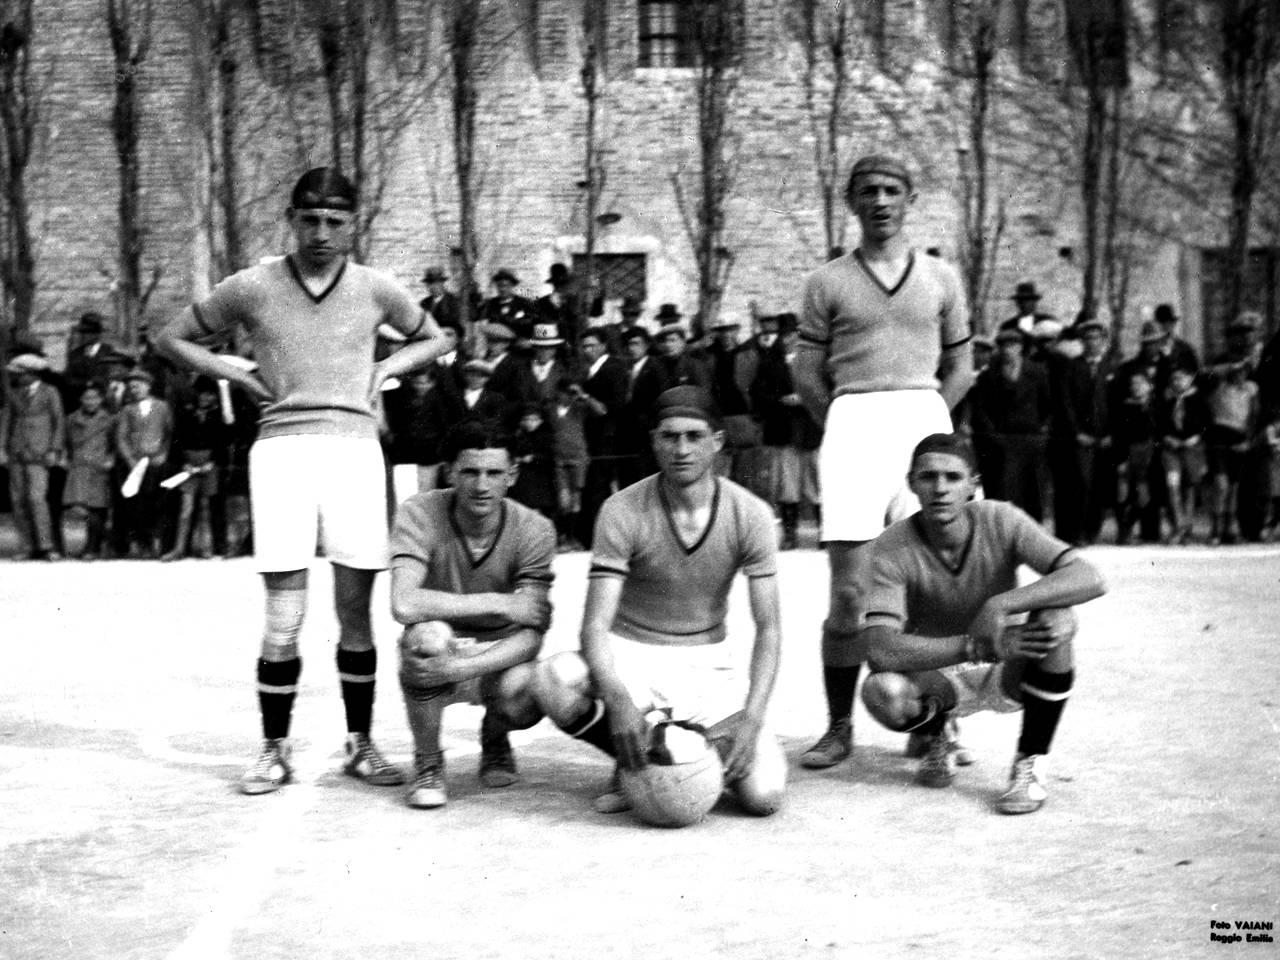 Atleti in posa alla Palestra Camparini a Reggio Emilia